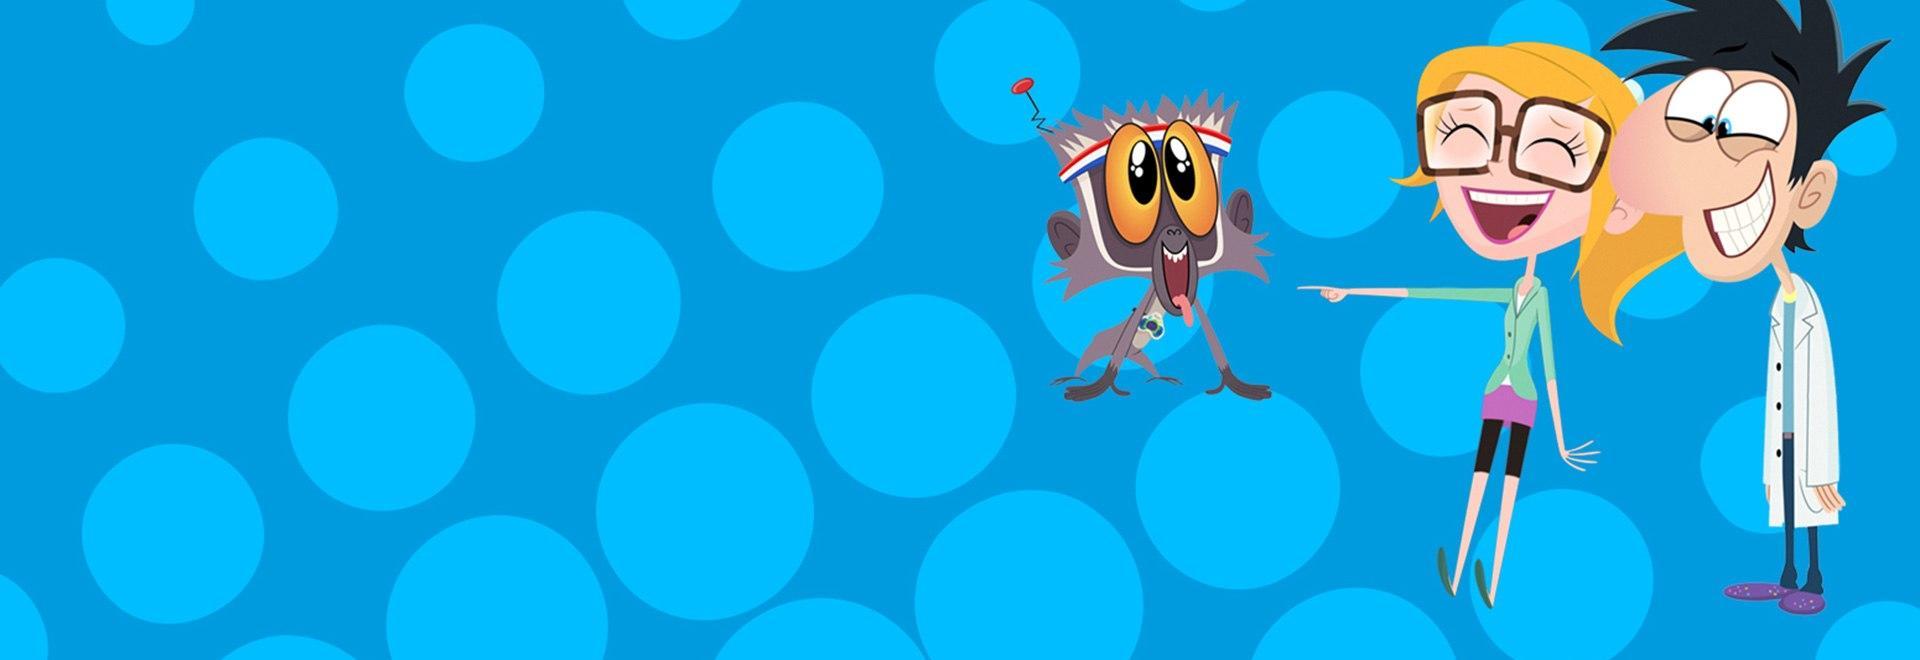 Un pesce fuor d'acqua